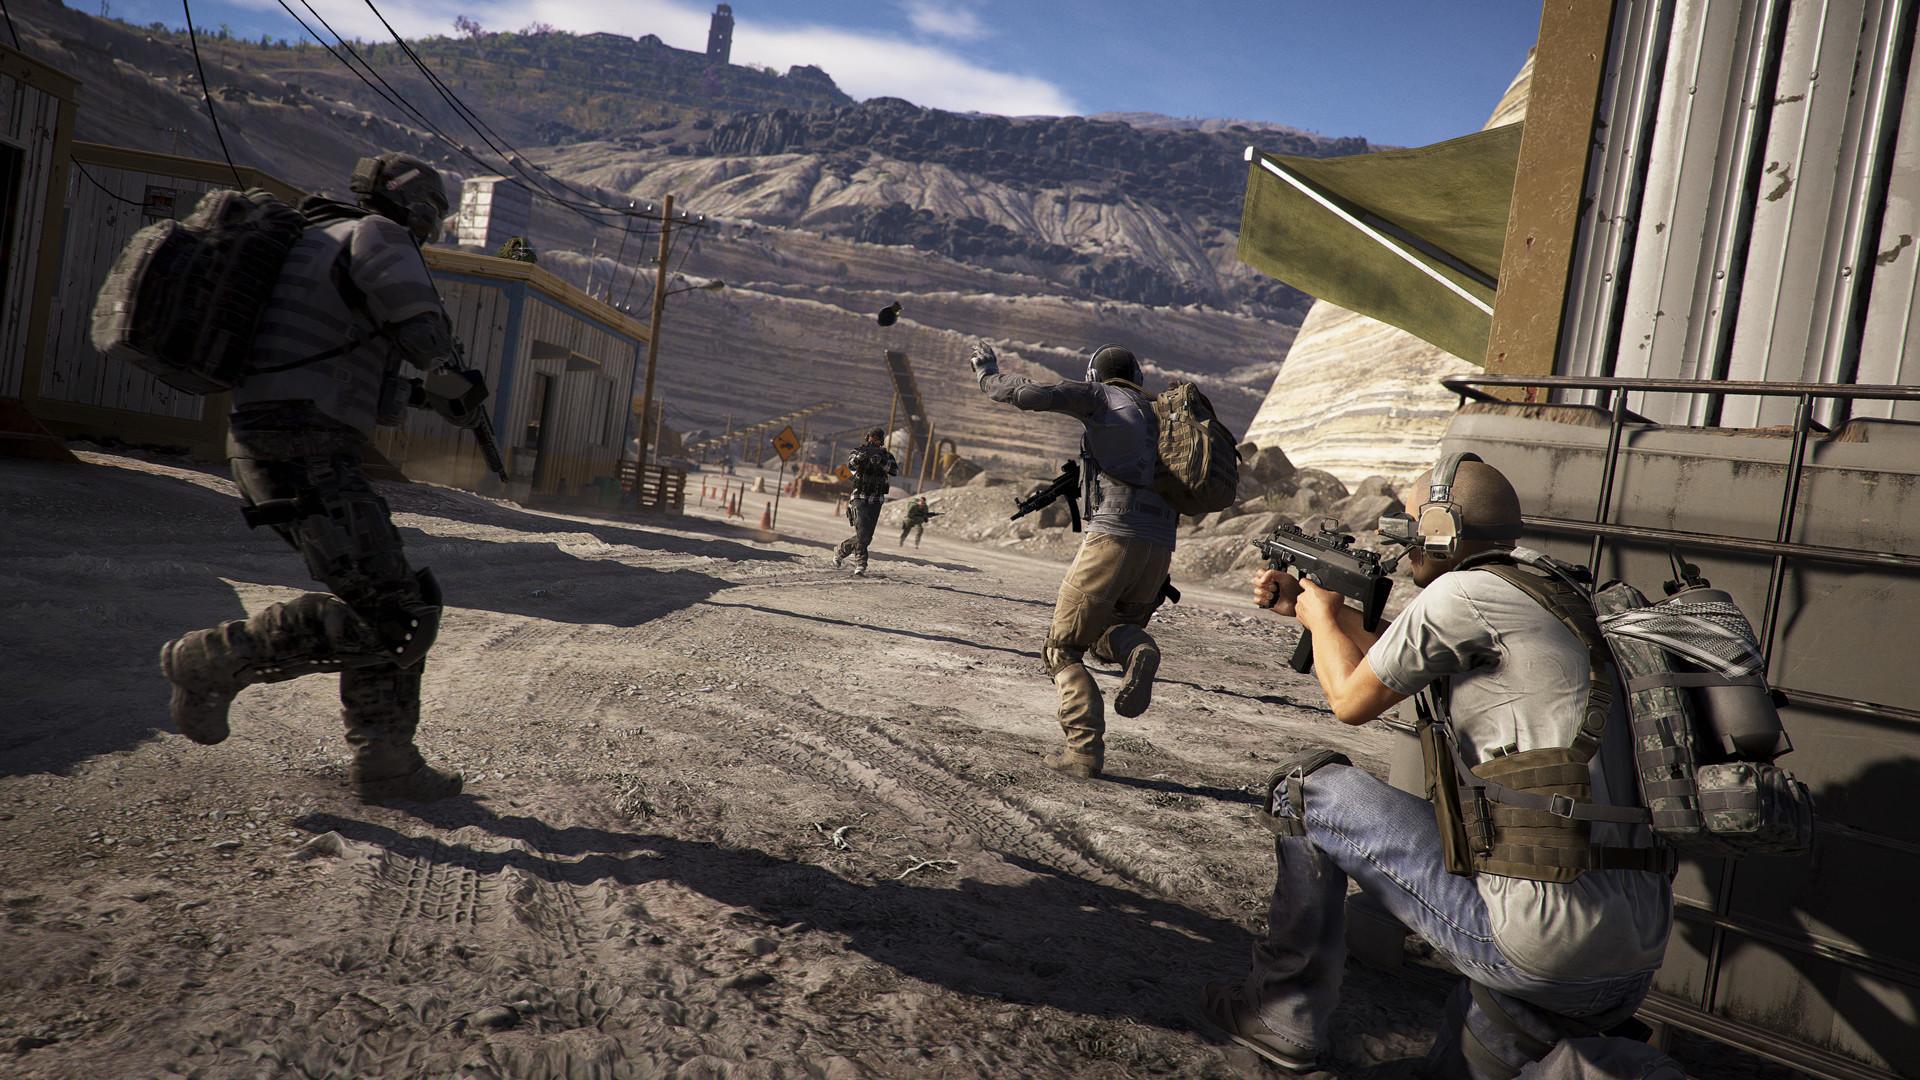 育碧开启全平台《幽灵行动:荒野》限期免费试玩活动